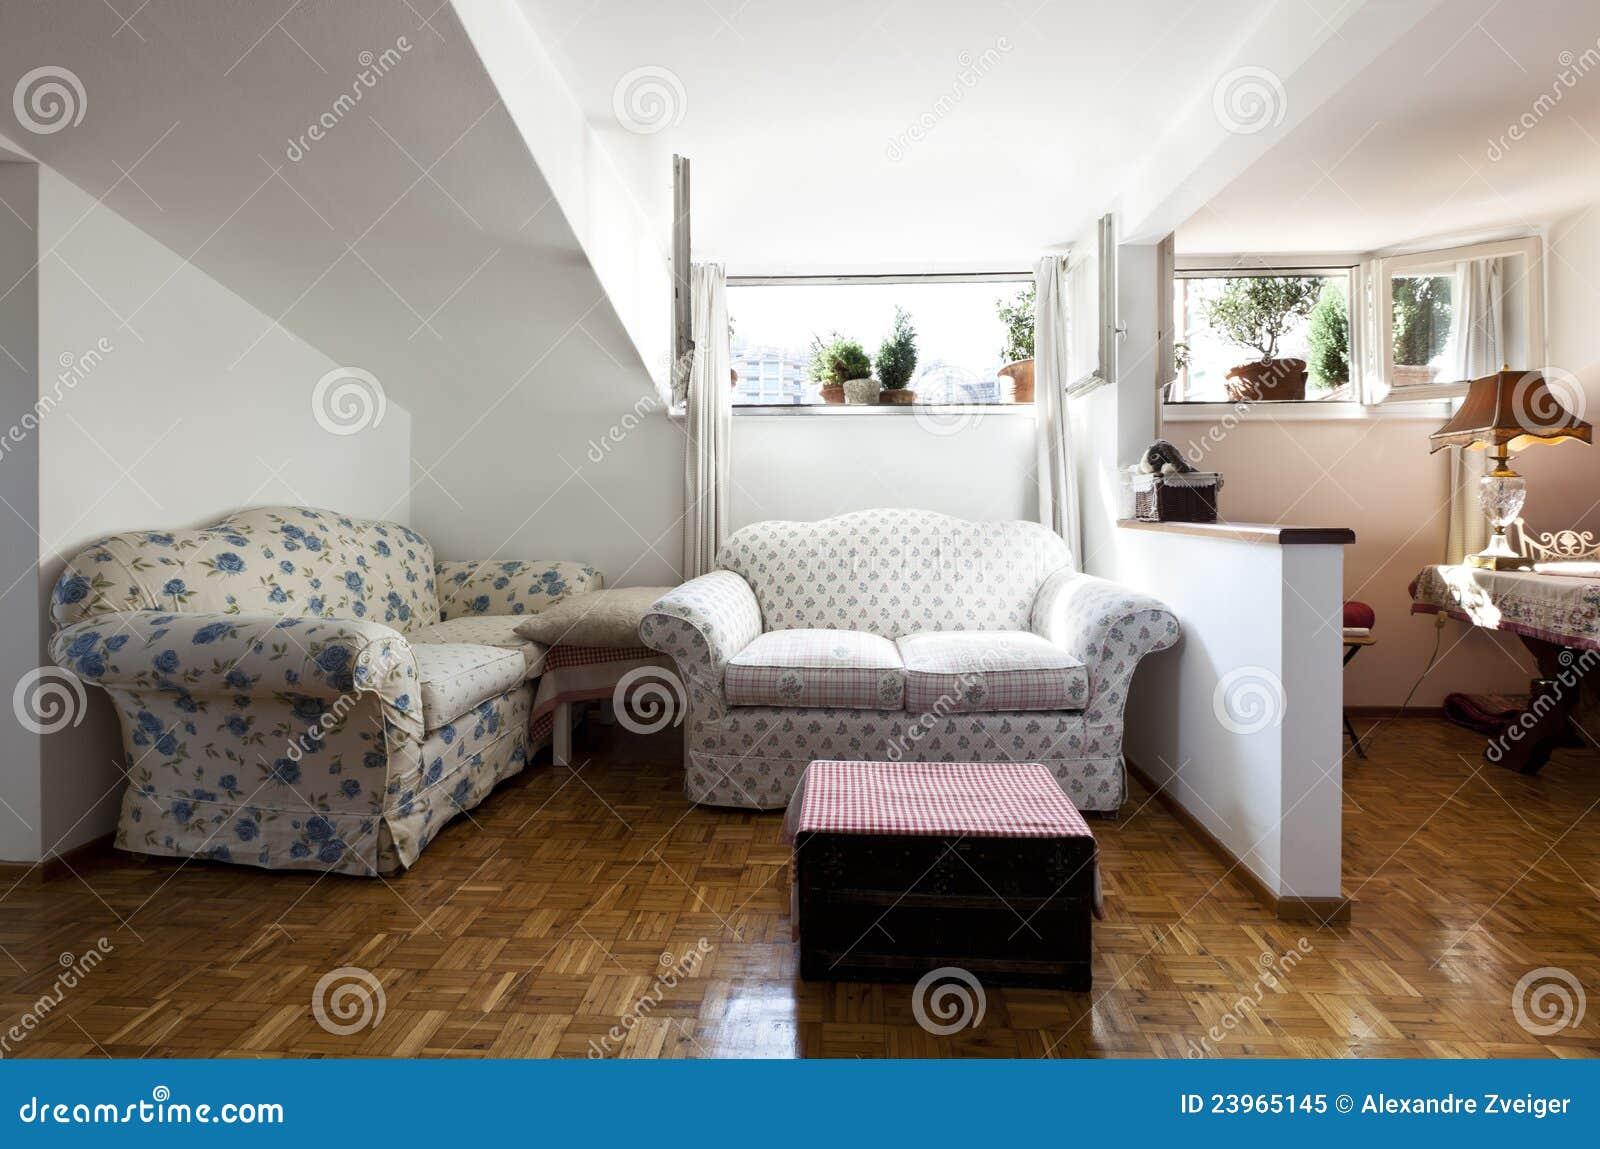 Woonkamer Op Zolder : Kleine geleverde zolder woonkamer stock afbeelding afbeelding